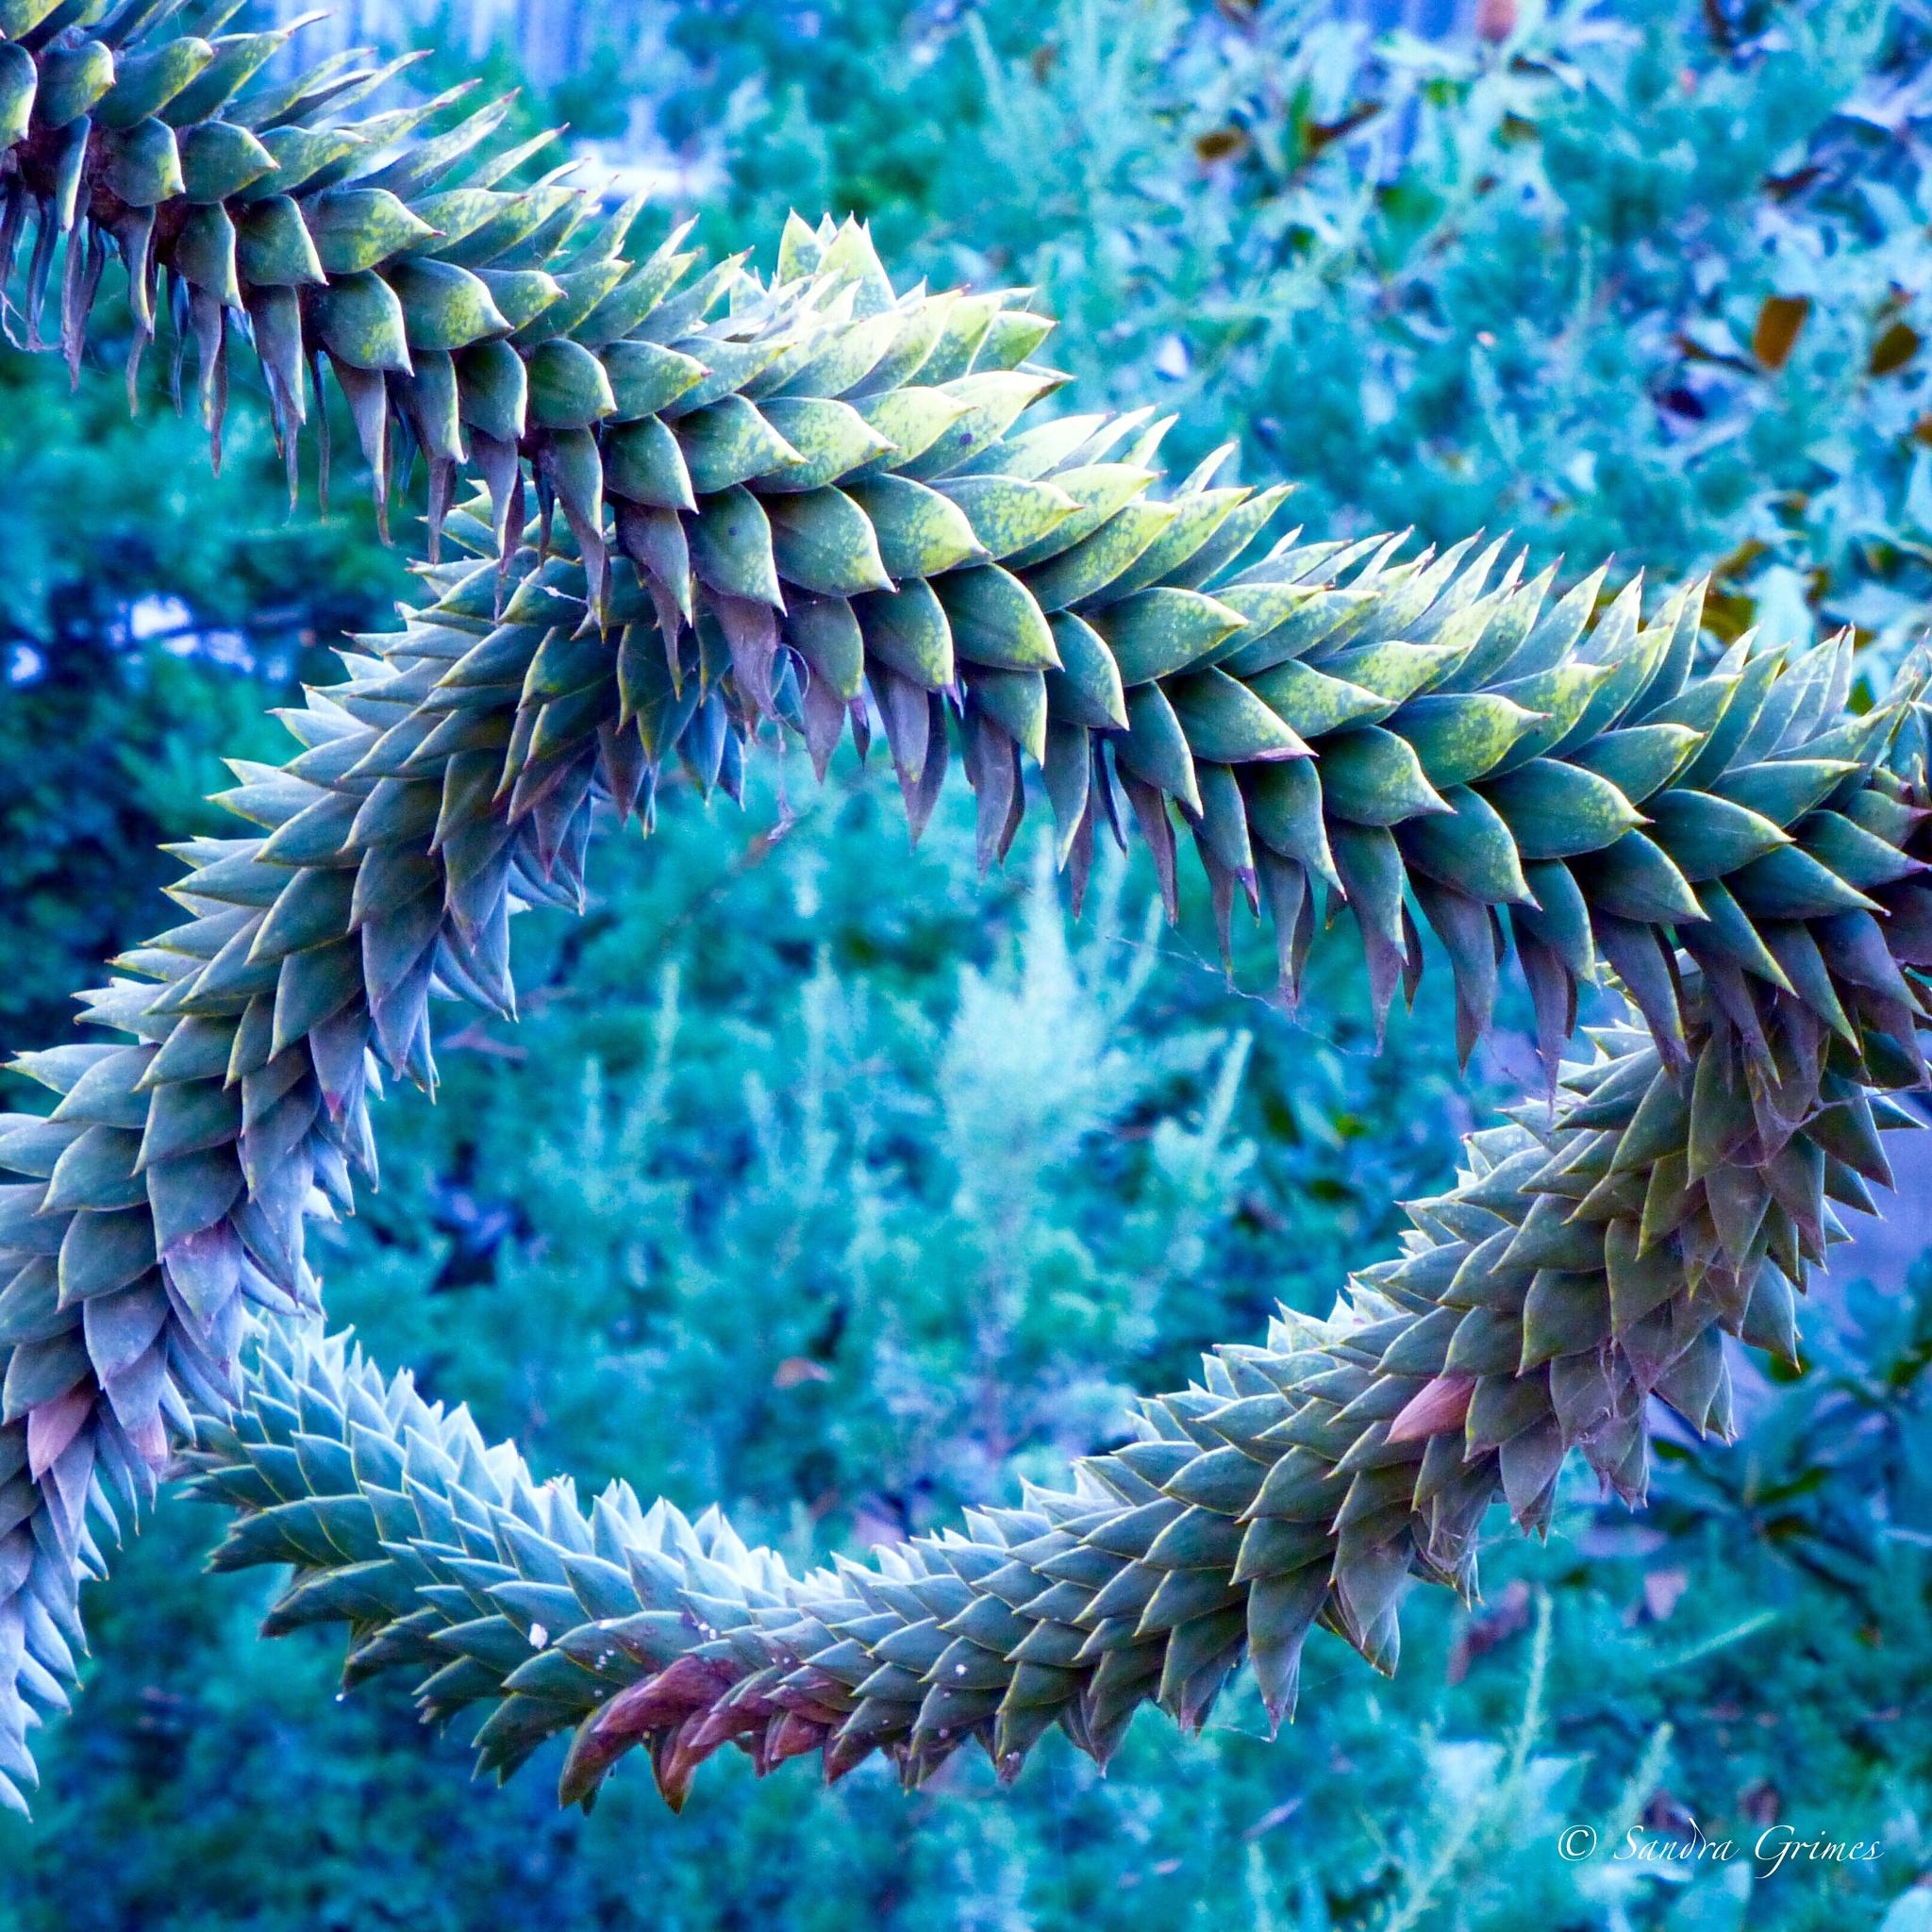 Dragon Succulent by TrixieGirl5192